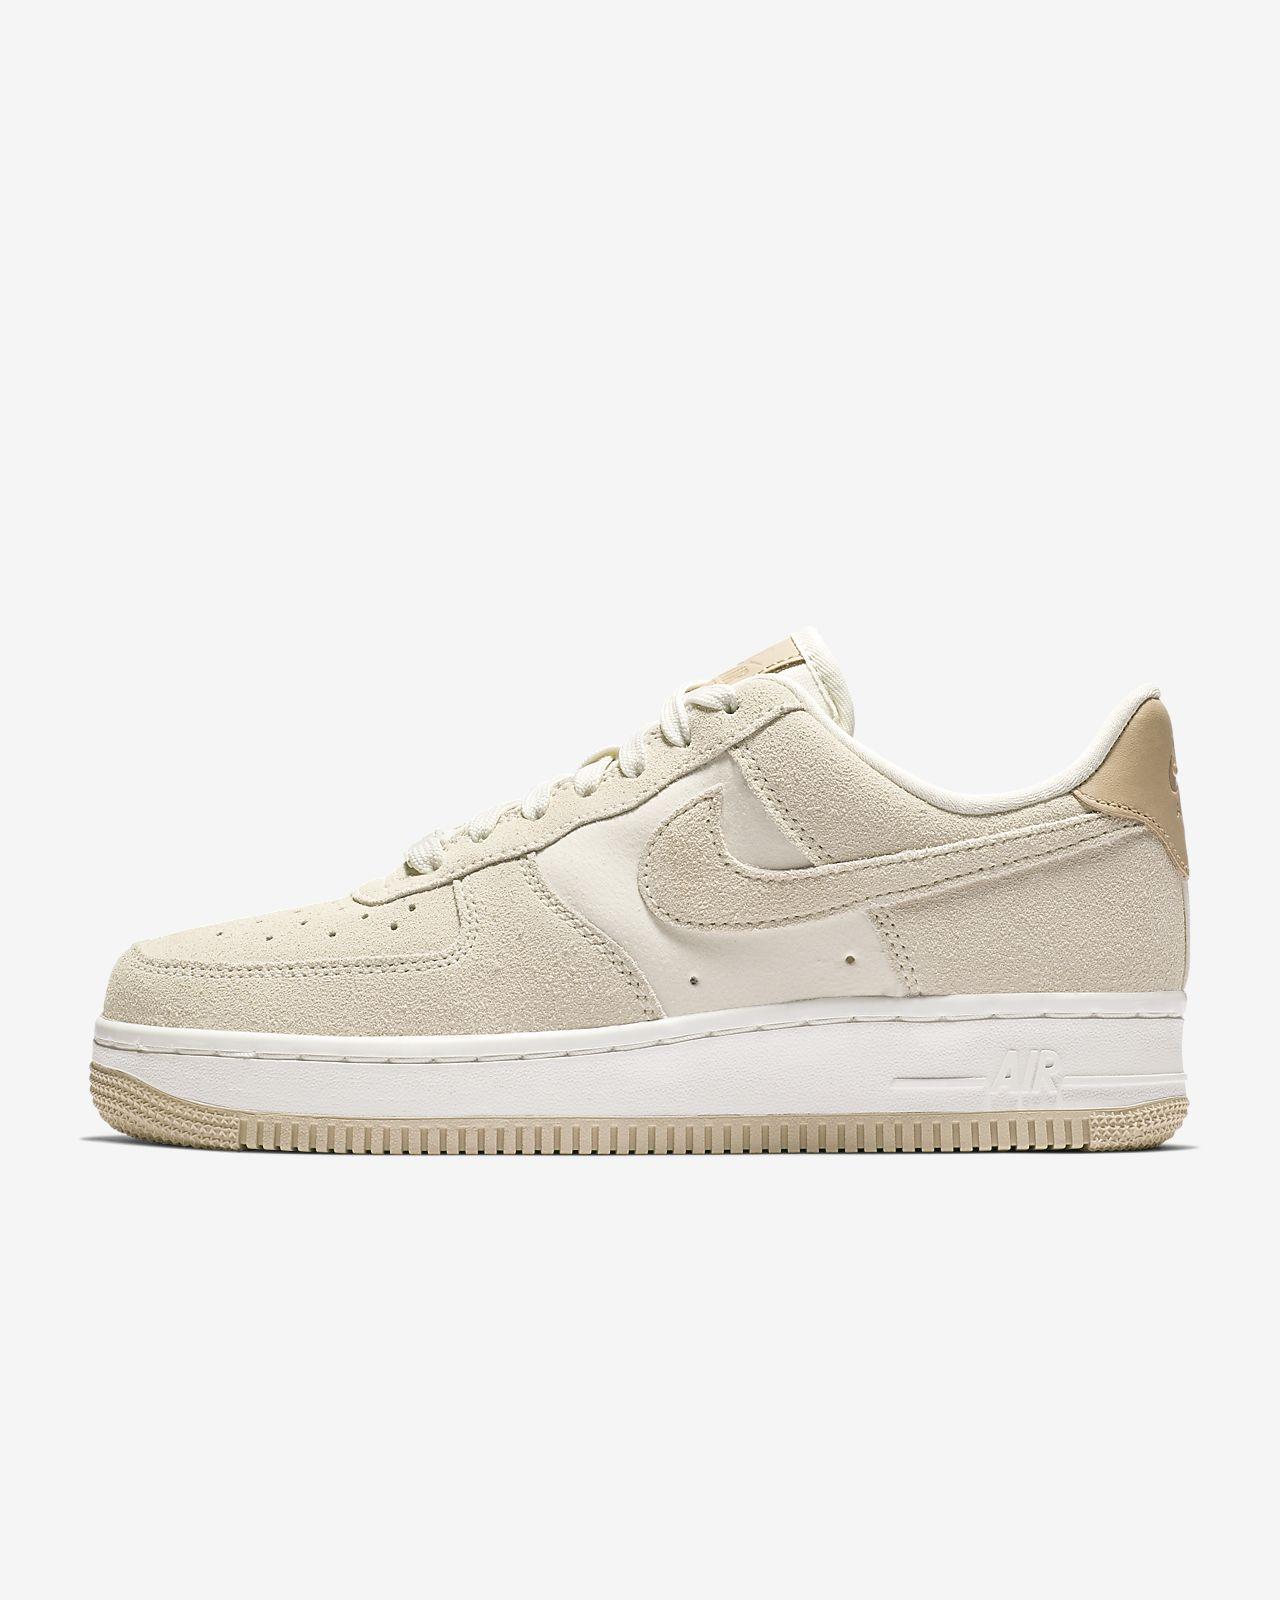 sports shoes 8dc74 1d4ea Chaussure Nike Be Femme 1 Air Premium Force Low  07 Pour FUwr4Fqv